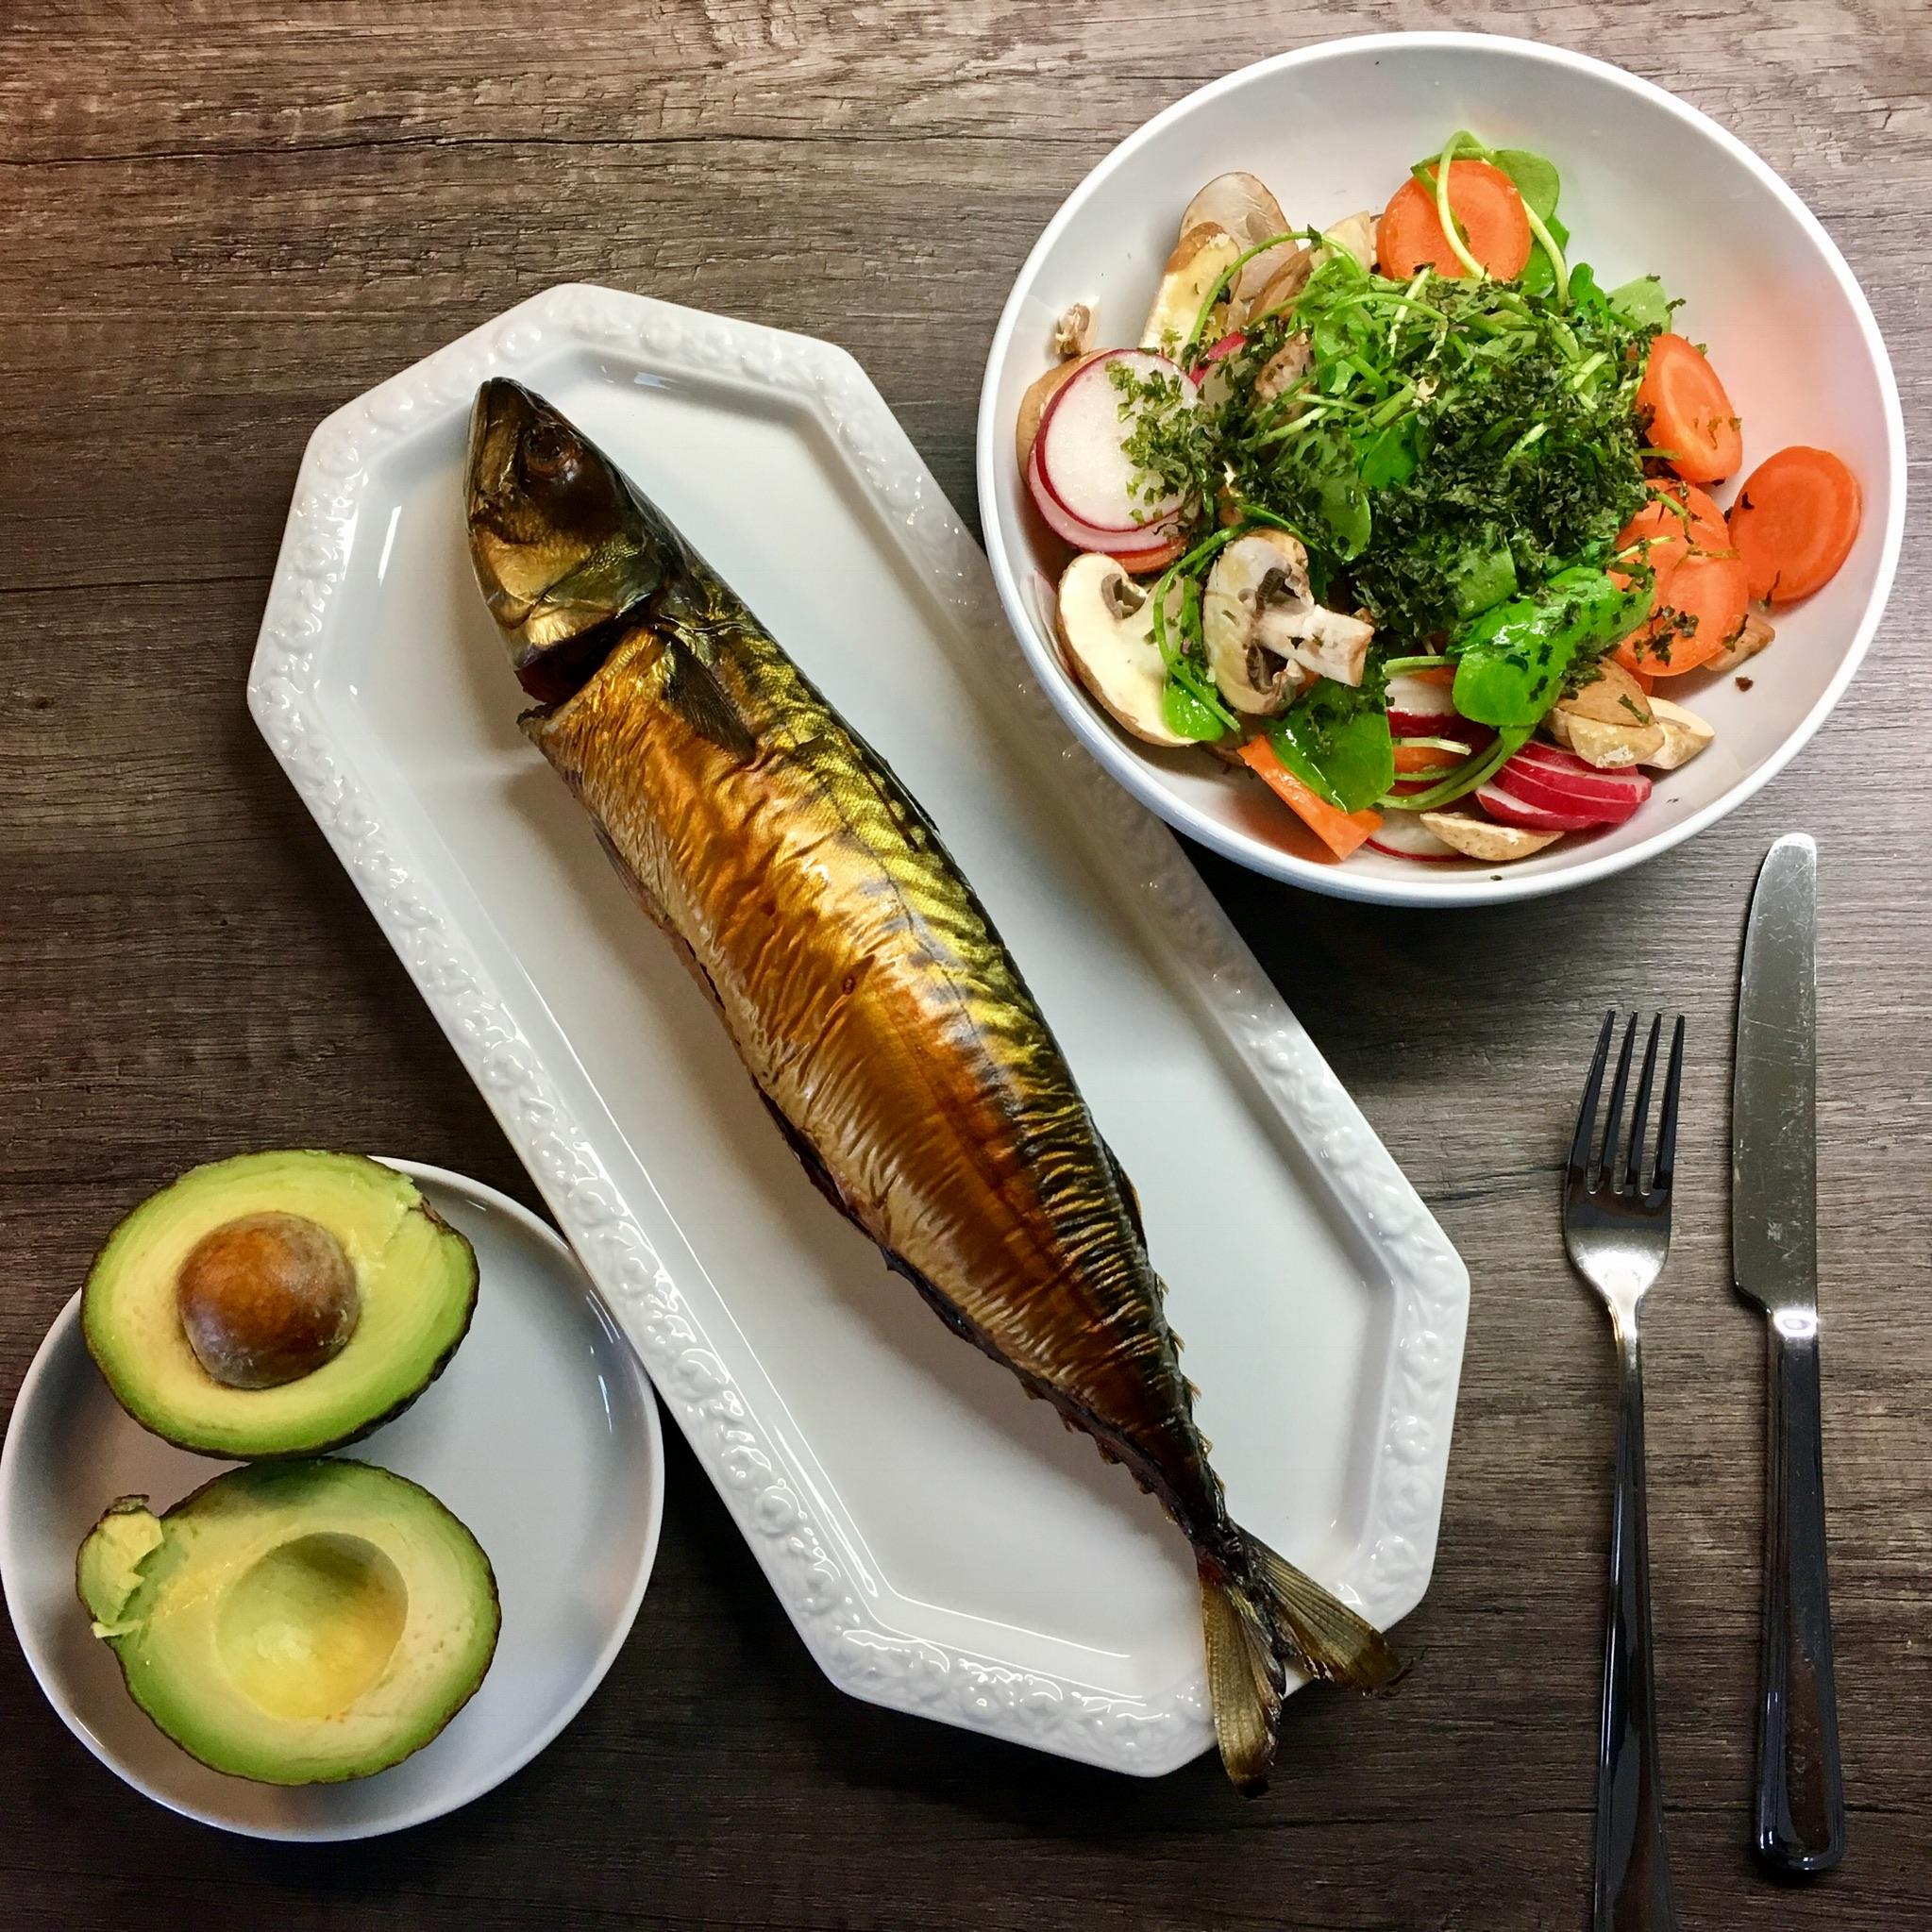 Geräucherte Makrele mit Avocado und Salat aus Champignon, Radieschen, Karotte, Postelein und frischen Kräutern.